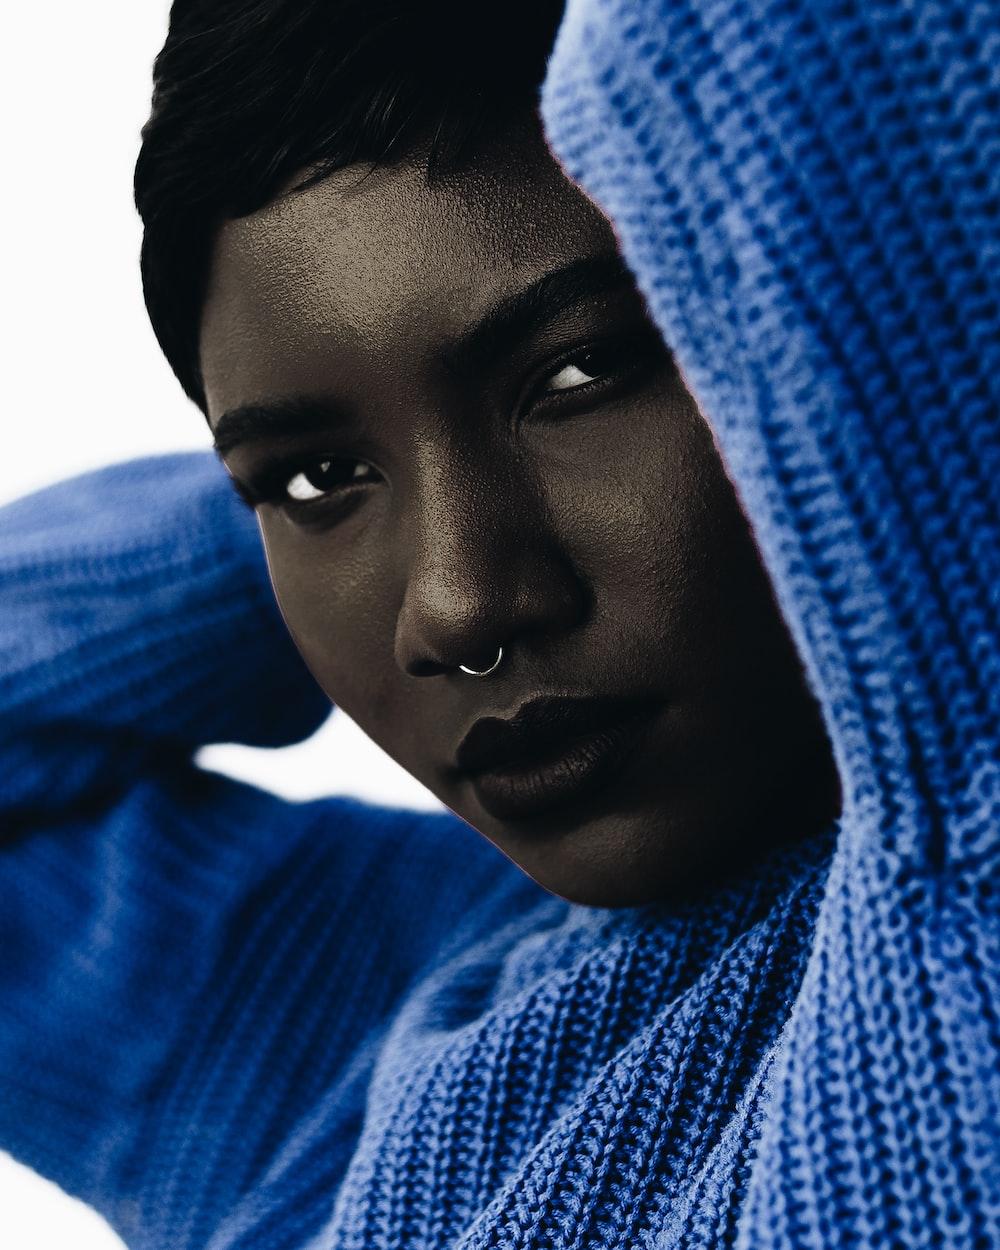 woman wearing blue knit sweatshirt